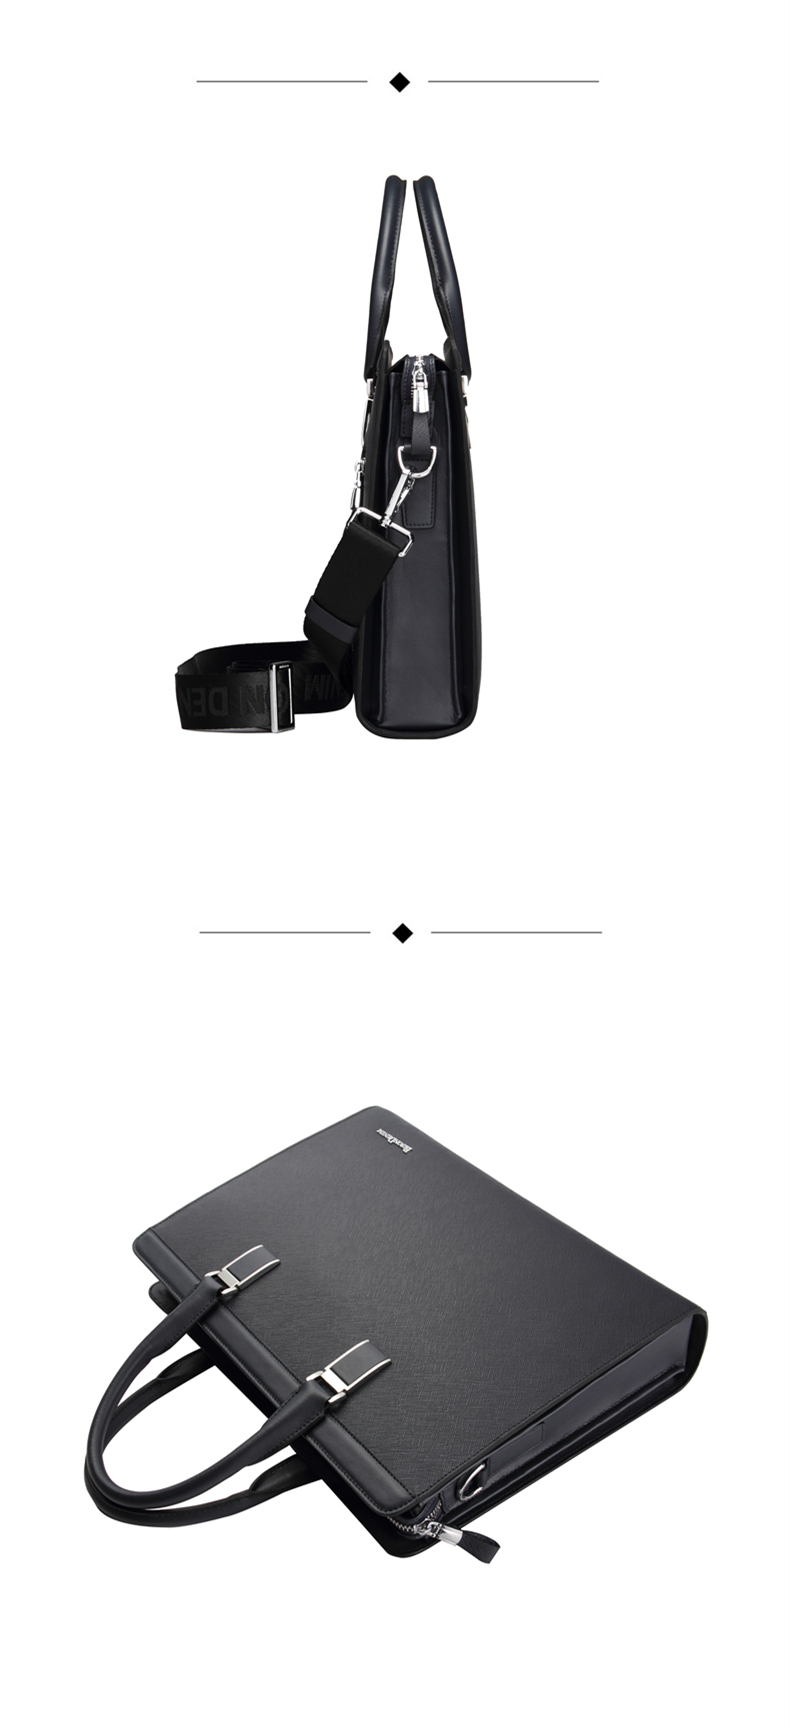 HTB1vqDfa79E3KVjSZFGq6A19XXak BISON DENIM Genuine Leather Handbag Men Business Messenger Bag 14'' Laptop Tablet leather Shoulder Bag Crossbody Male bags N2317